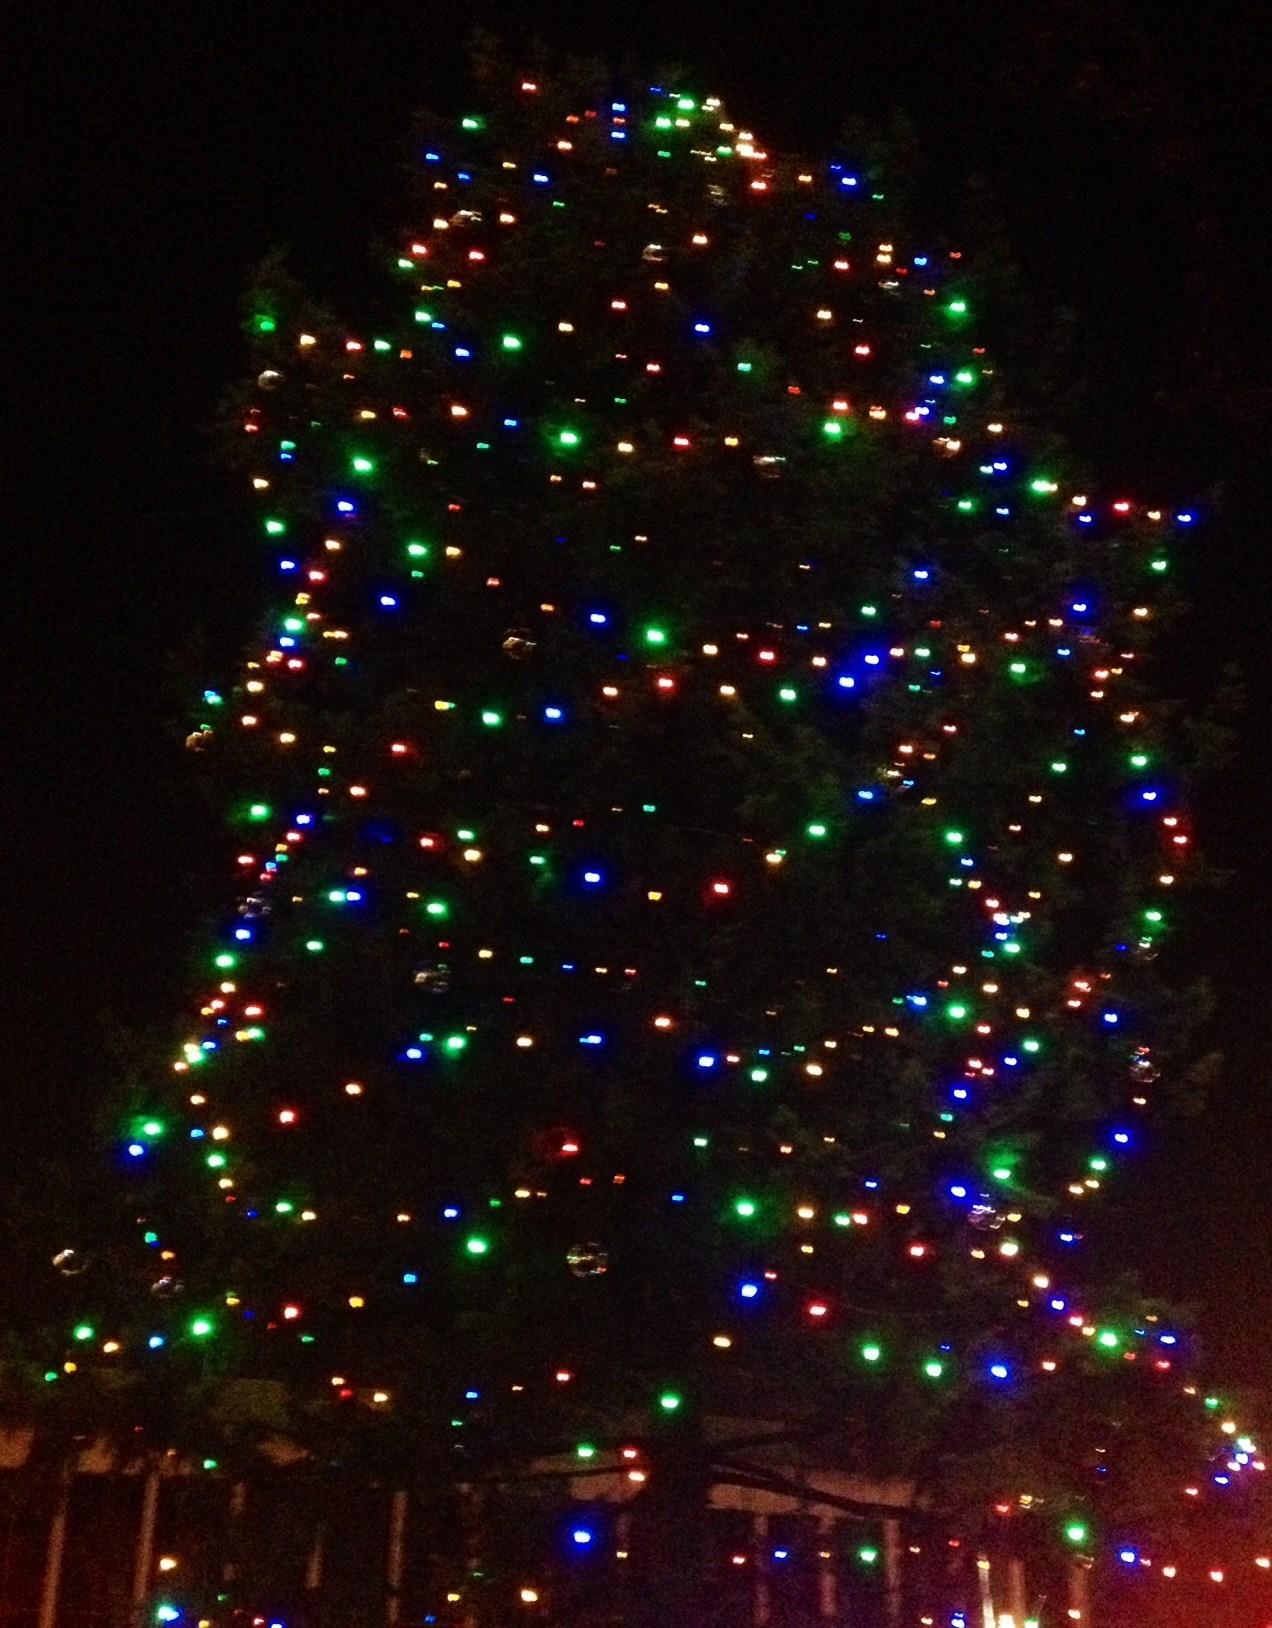 78424fc93598924e7eed_tree.jpg